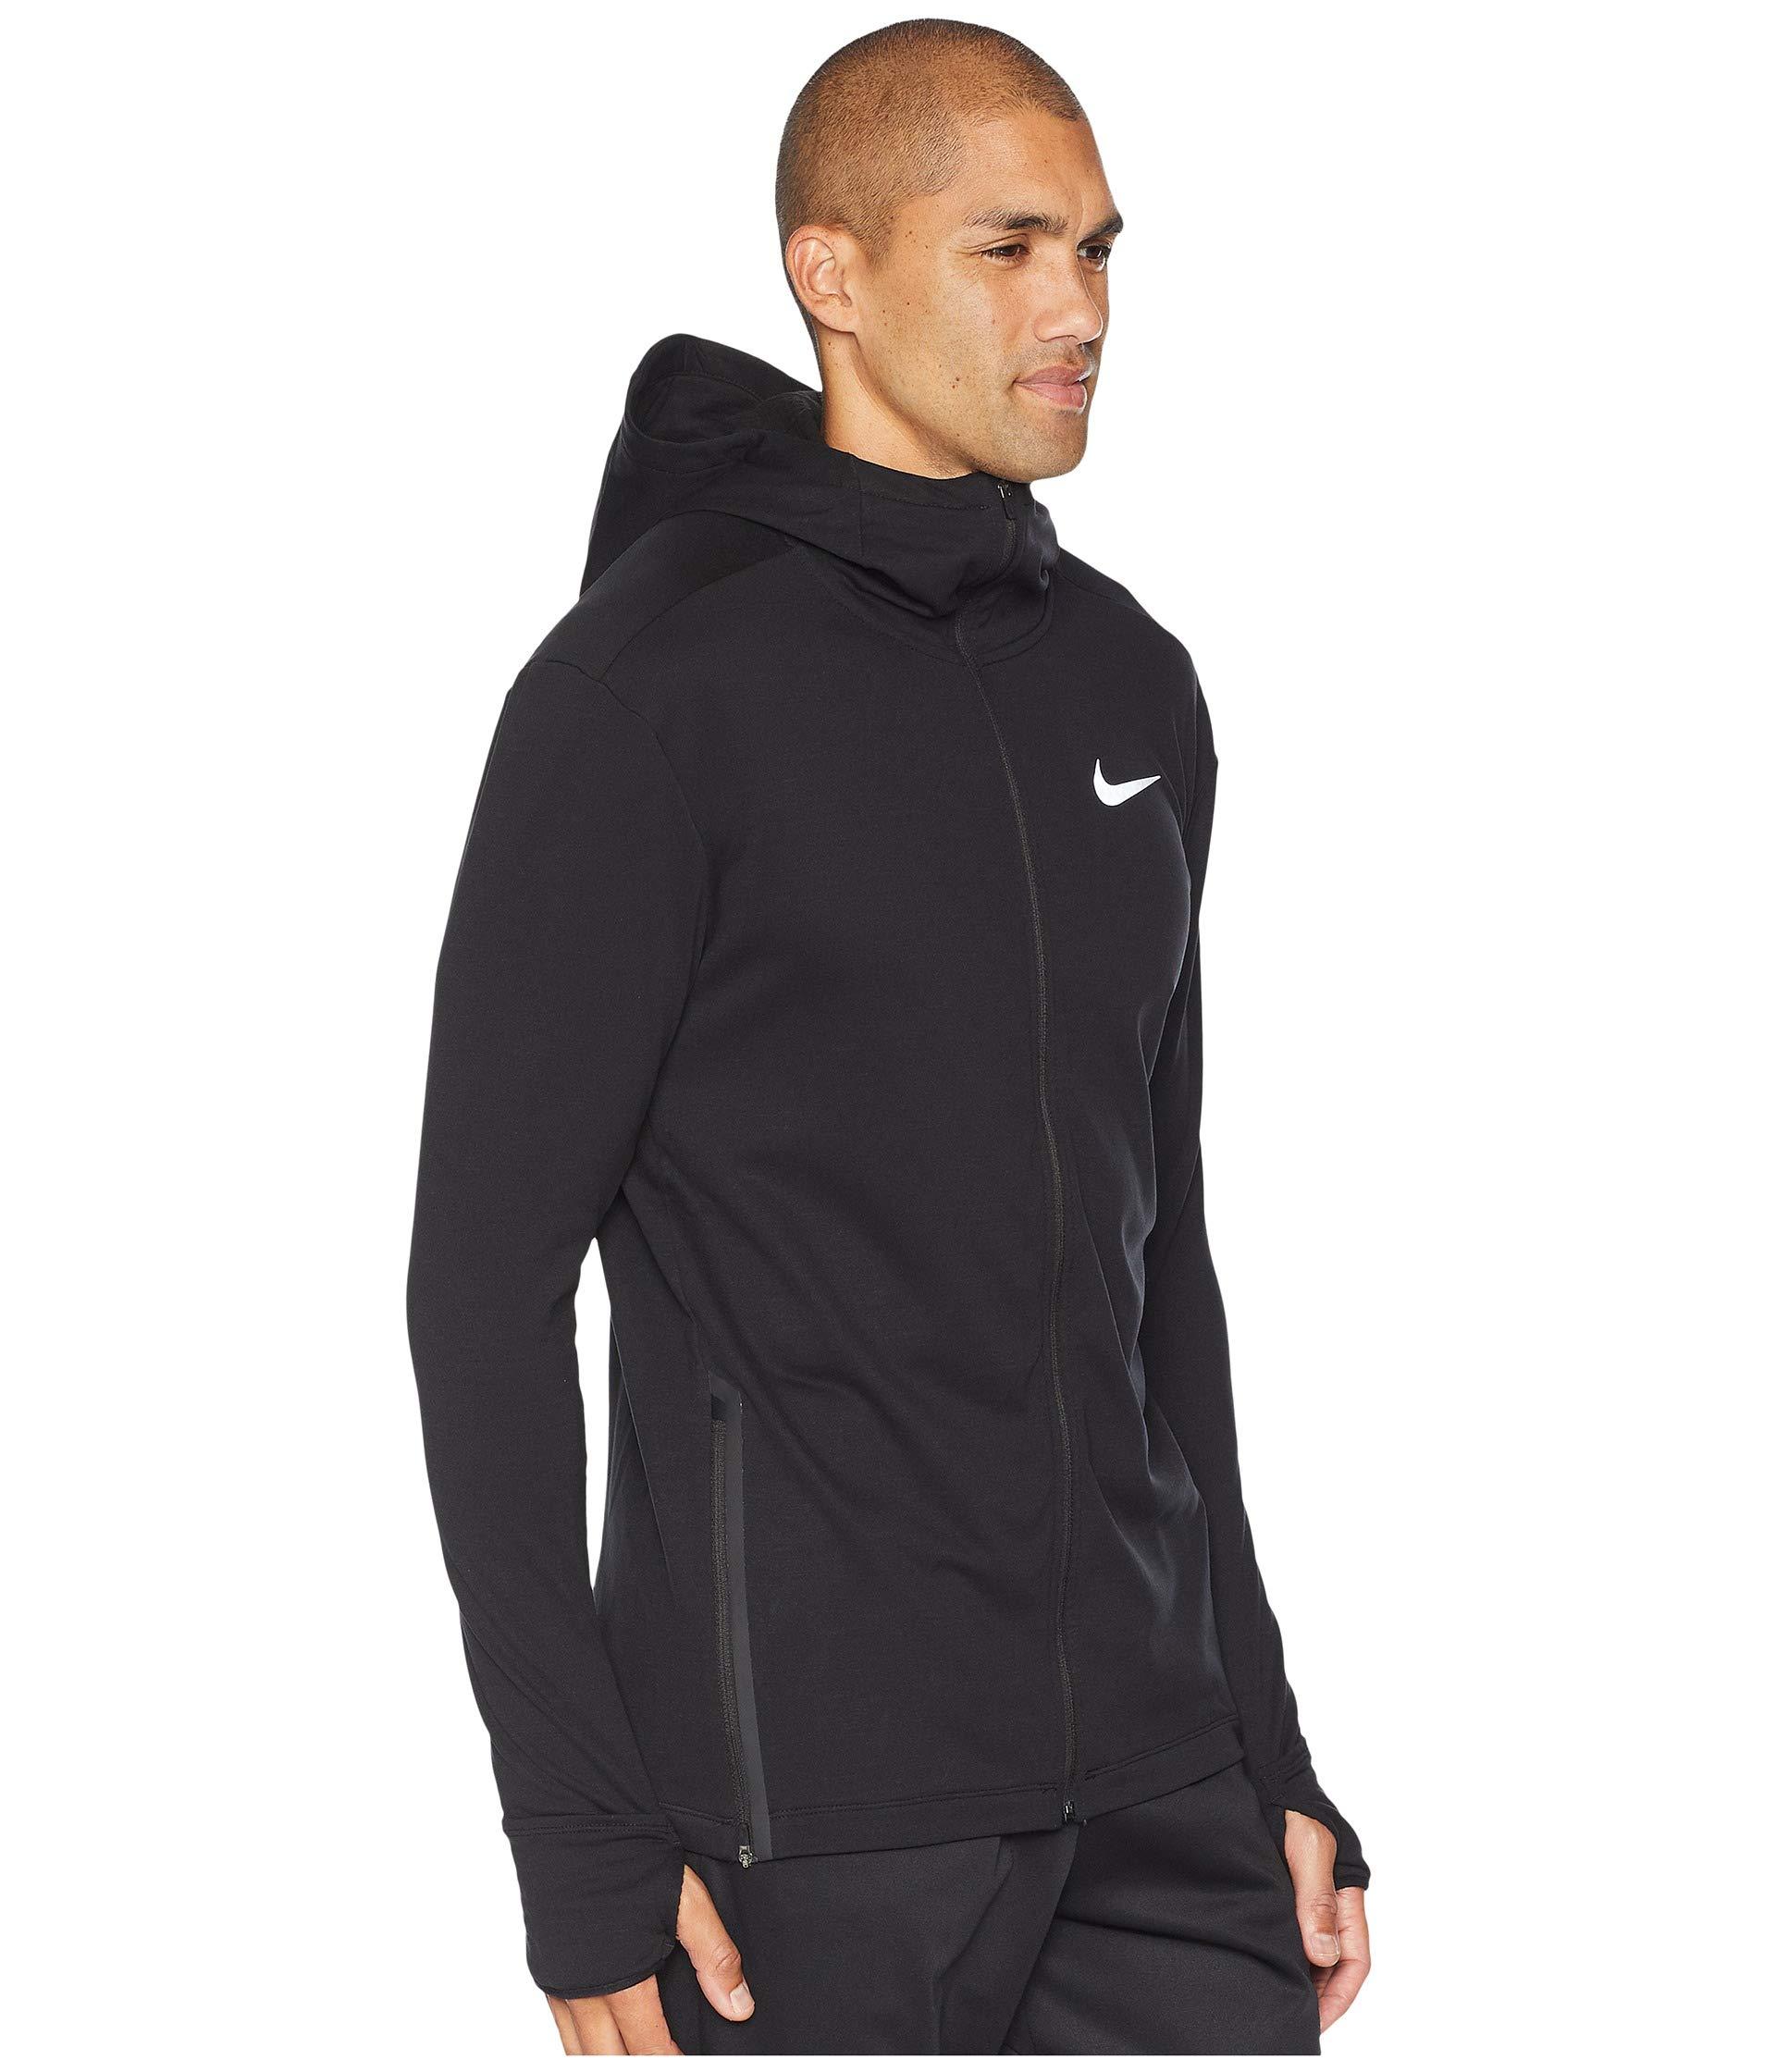 NIKE Sphere Element 2.0 Men's Full-Zip Running Hoodie (Black, X-Large) by Nike (Image #5)